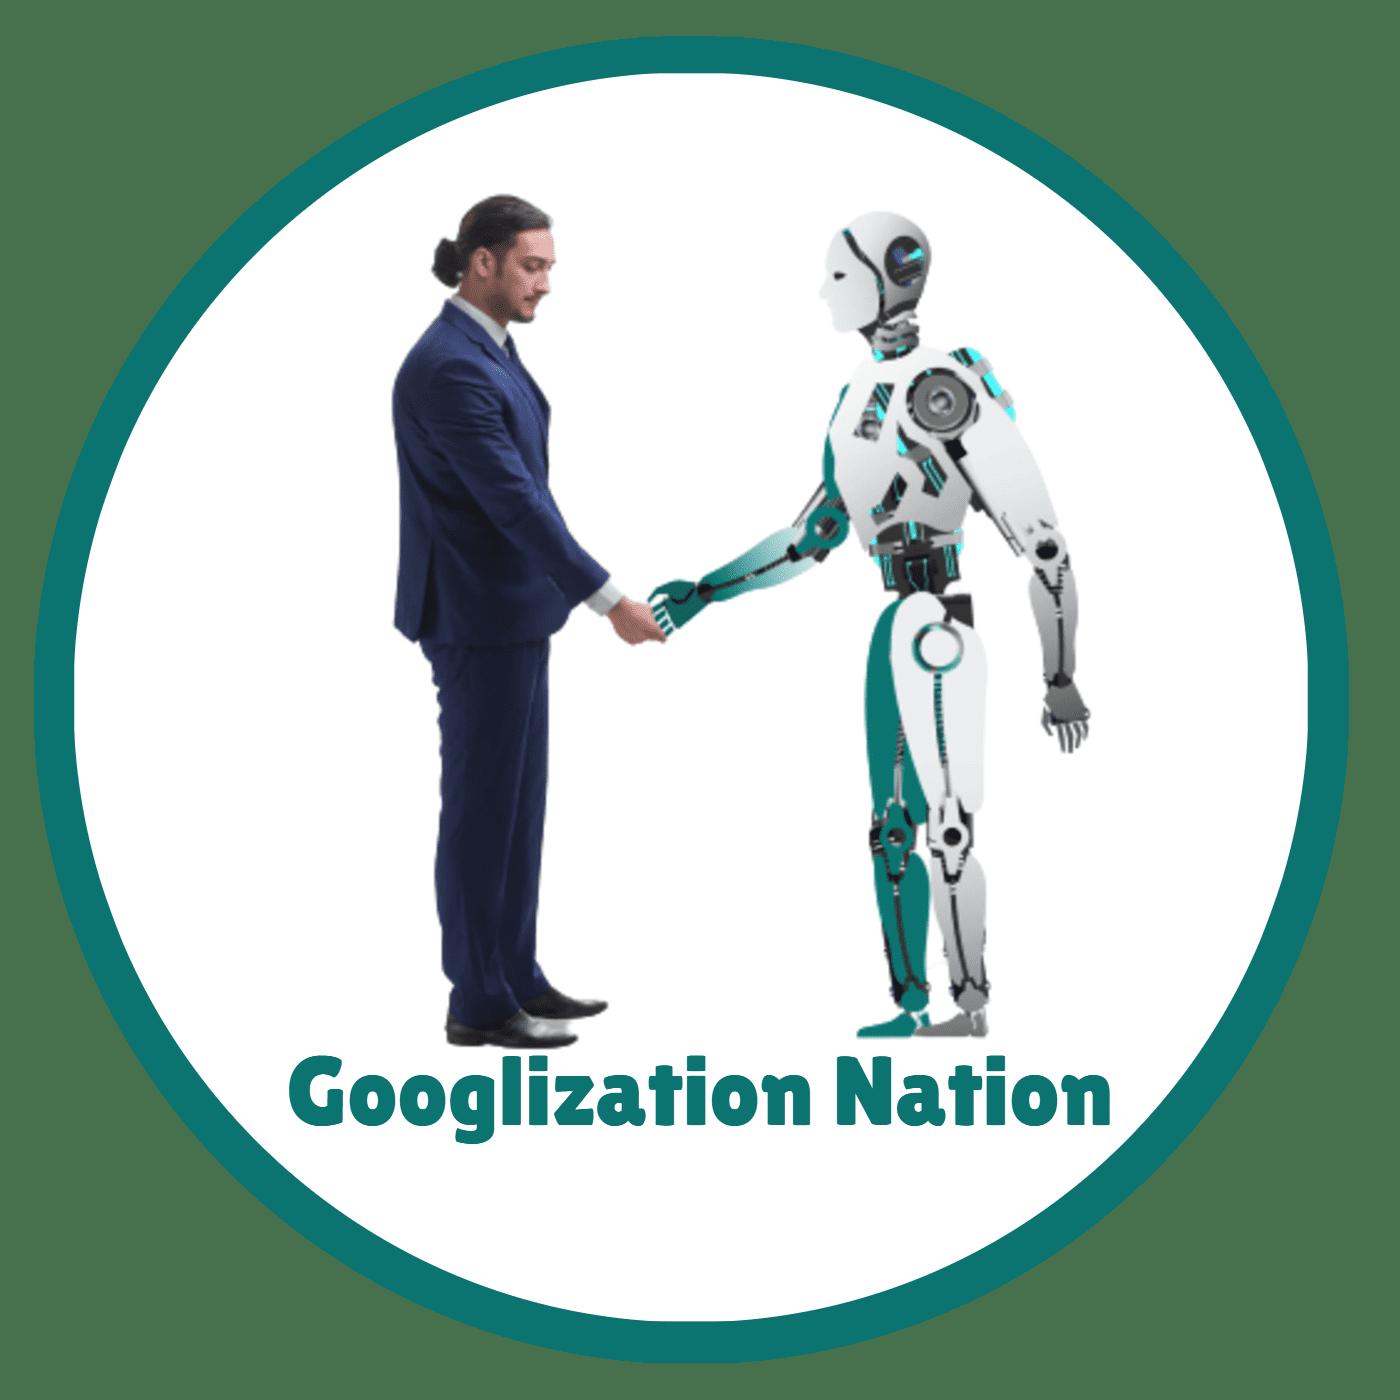 Googlization nation Ira S Wolfe